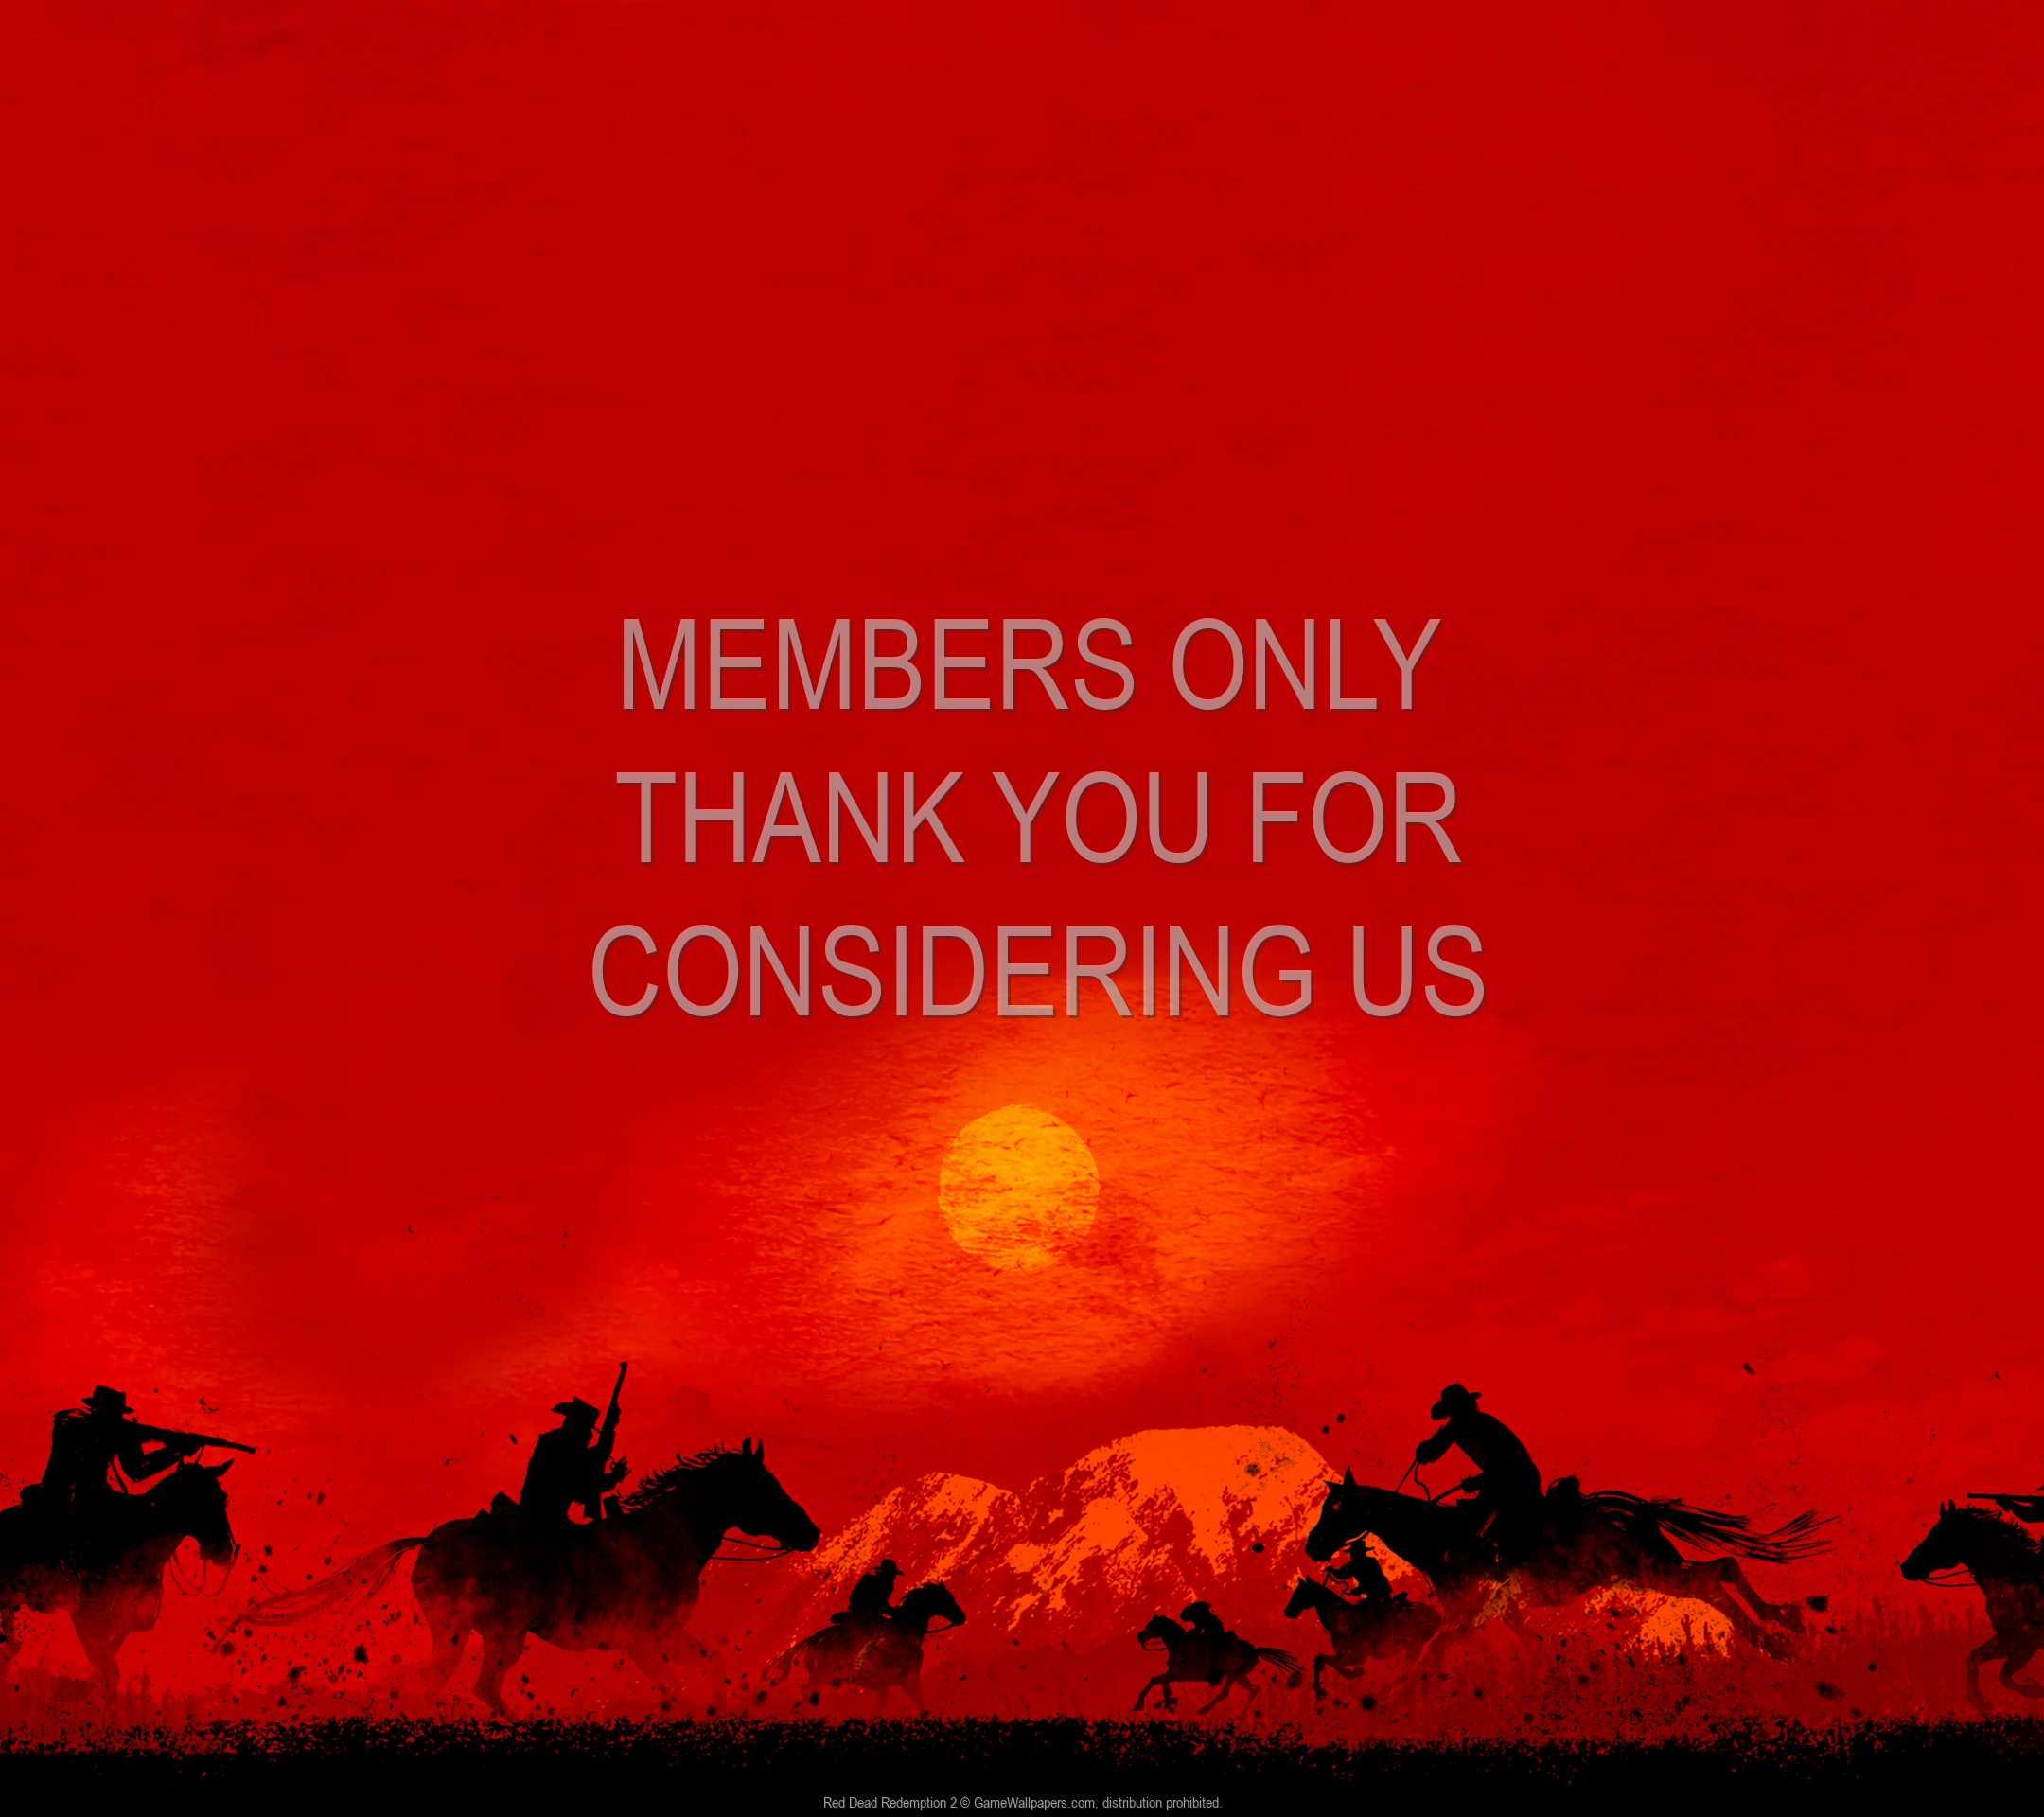 Red Dead Redemption 2 1080p Horizontal Mobile fond d'écran 05